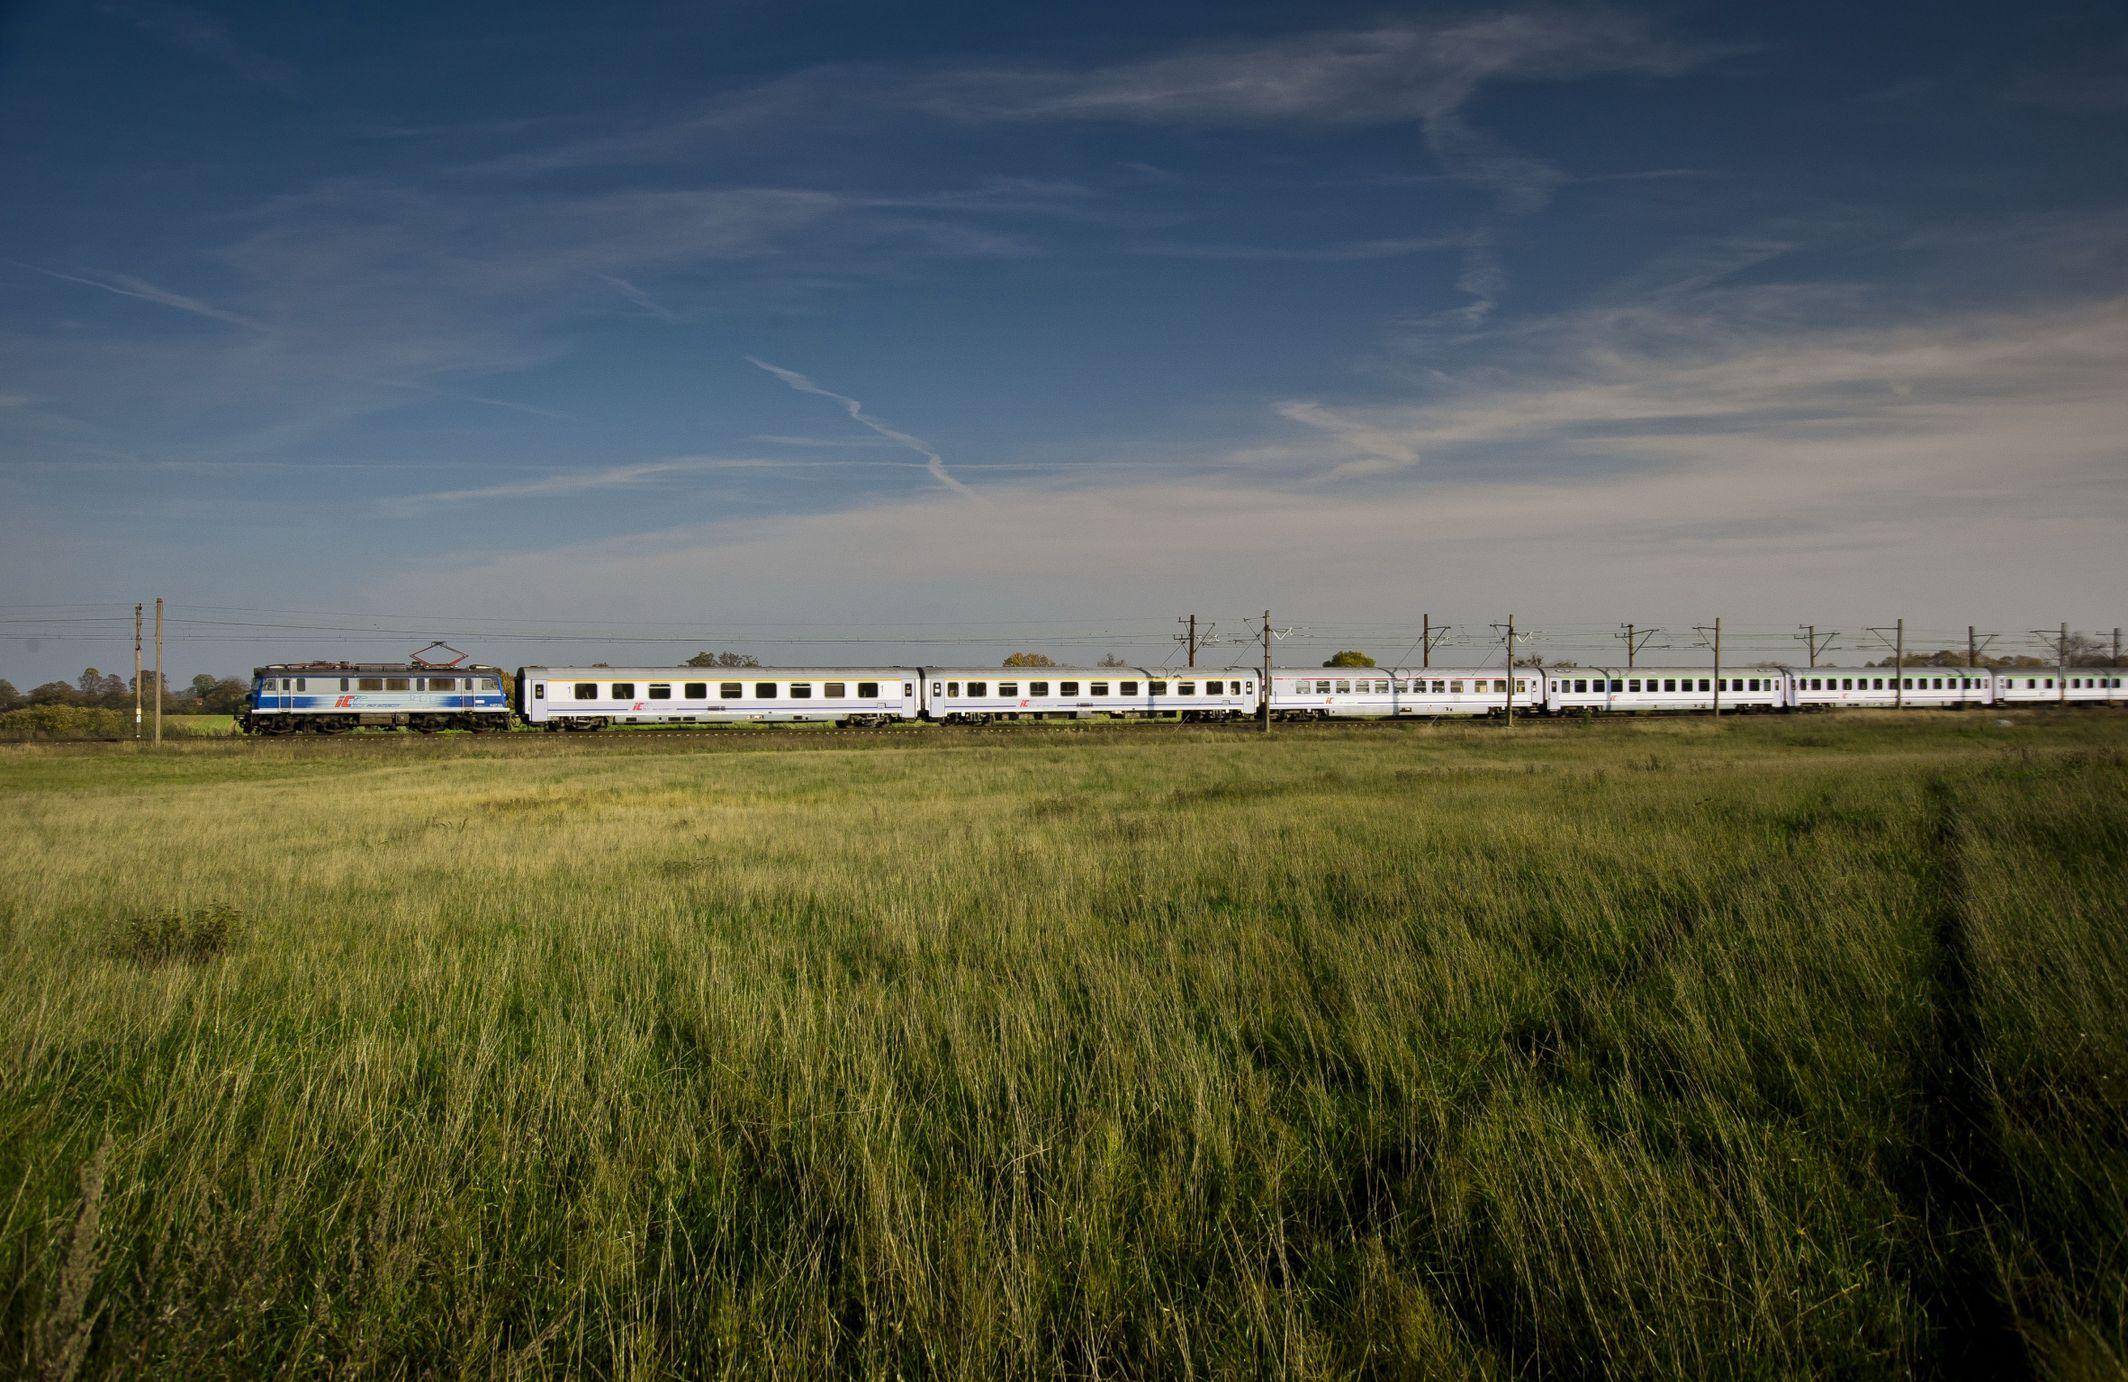 Lato 2018. Z oferty PKP Intercity skorzystało 8% więcej pasażerów niż rok temu